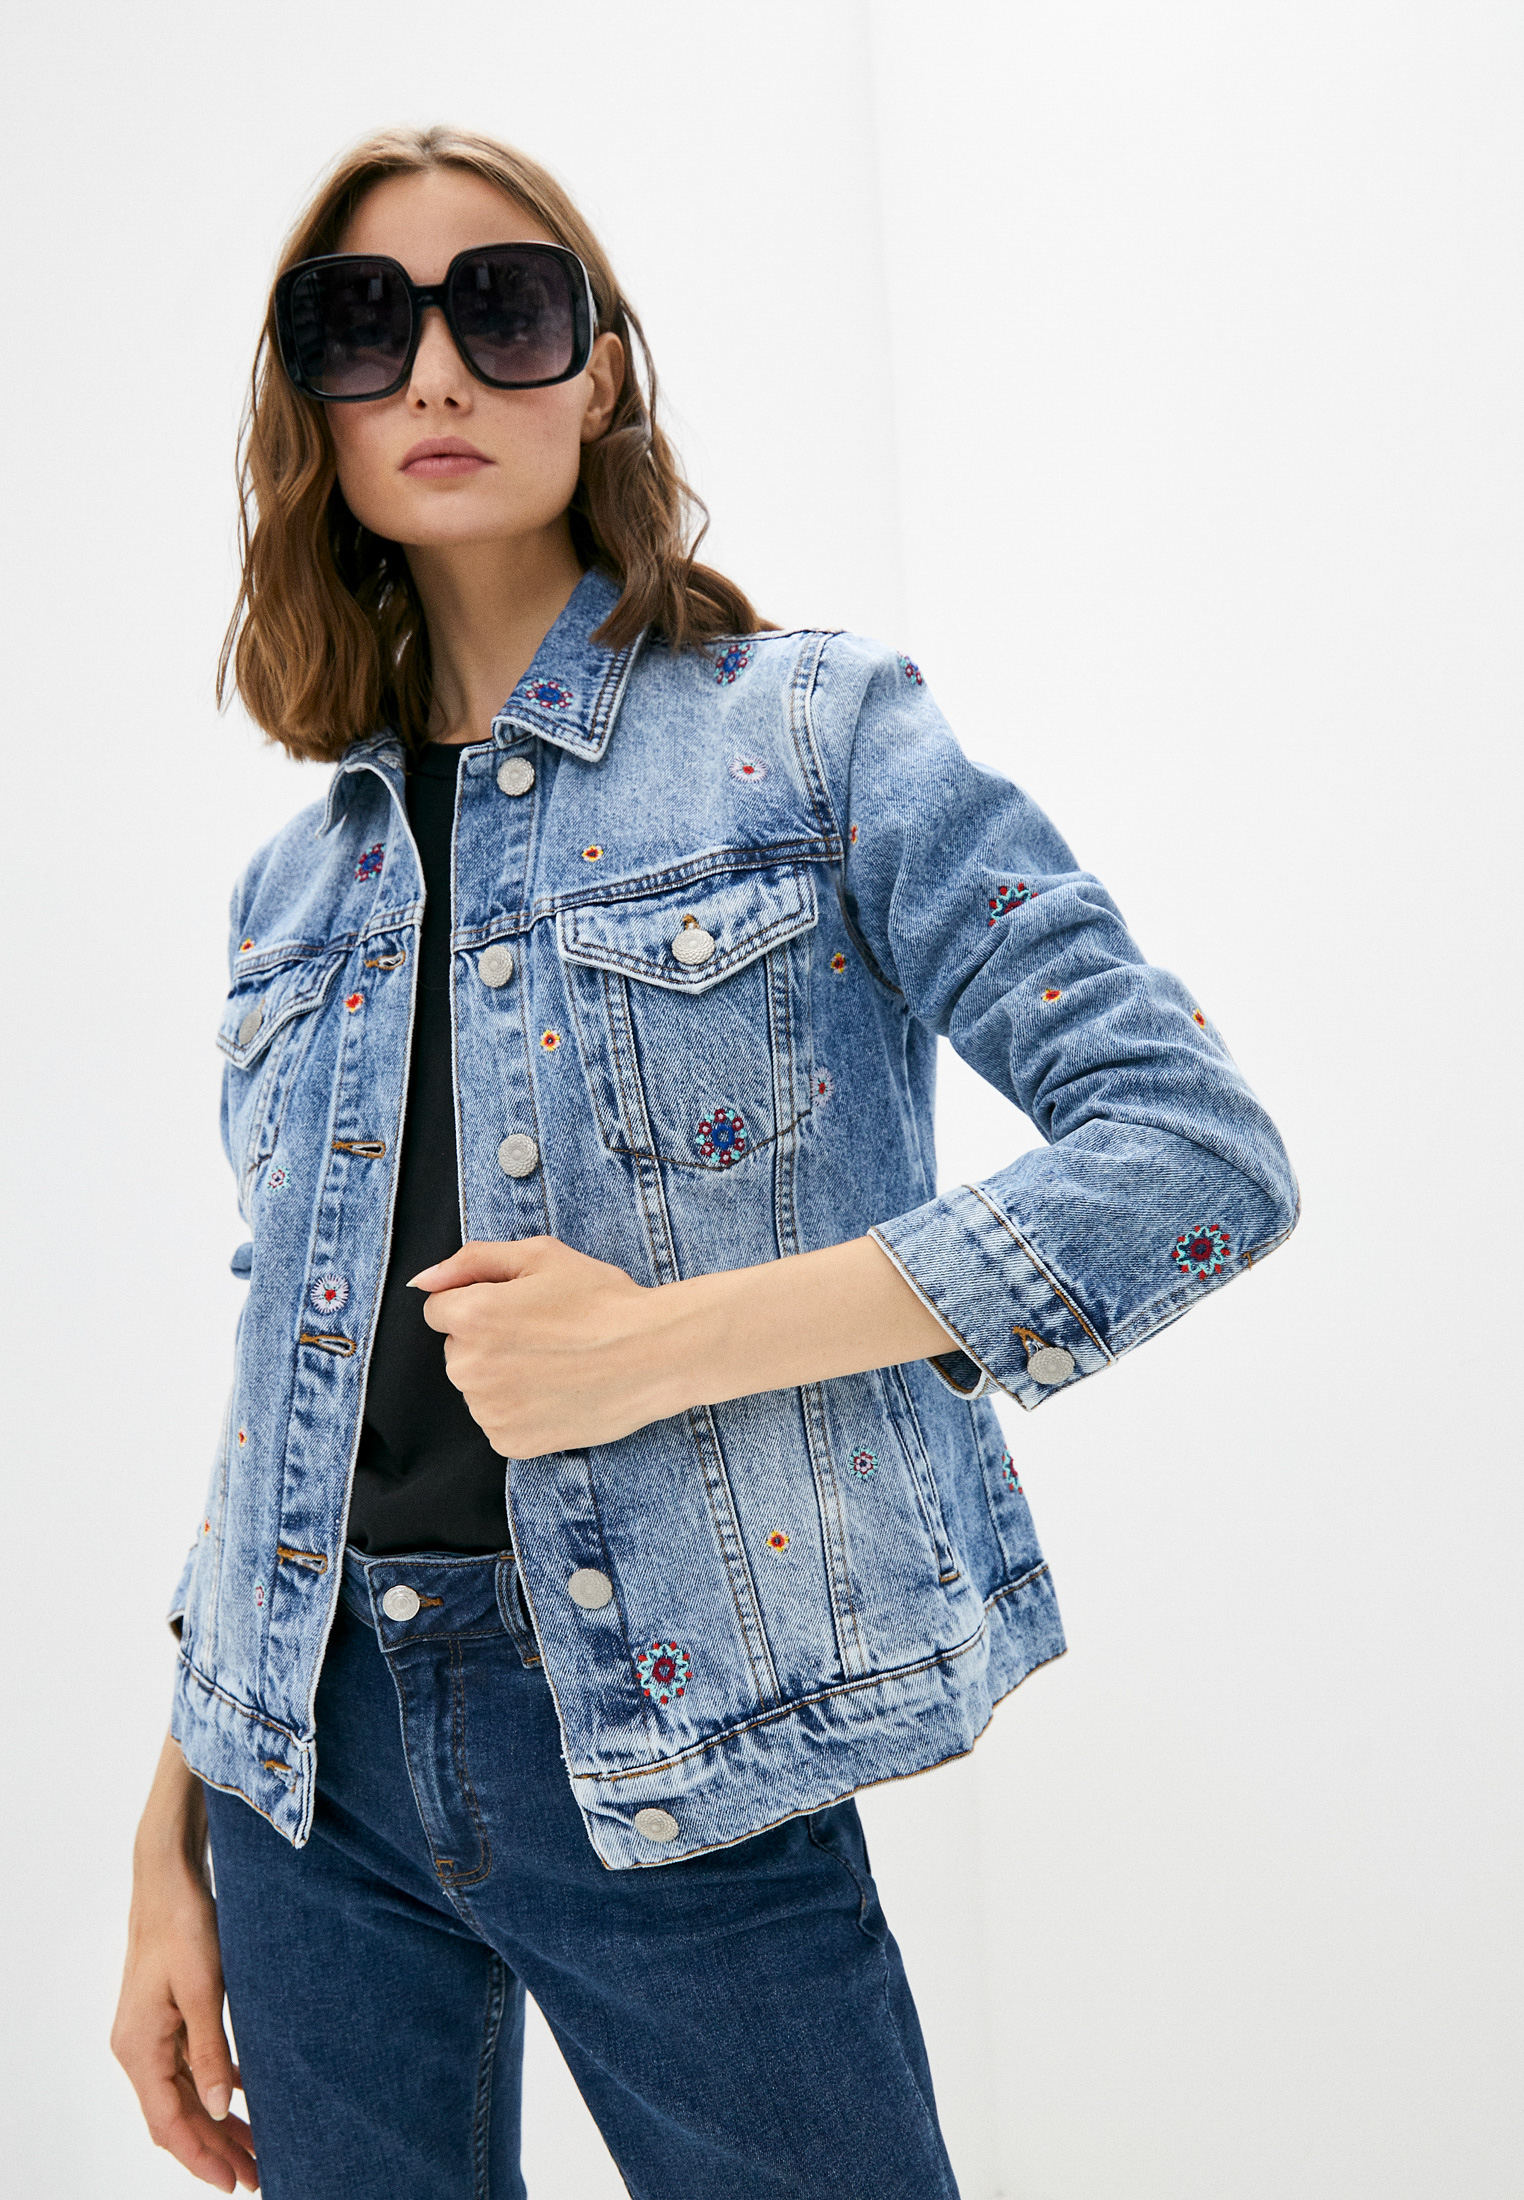 Джинсовая куртка Desigual (Дезигуаль) Куртка джинсовая Desigual